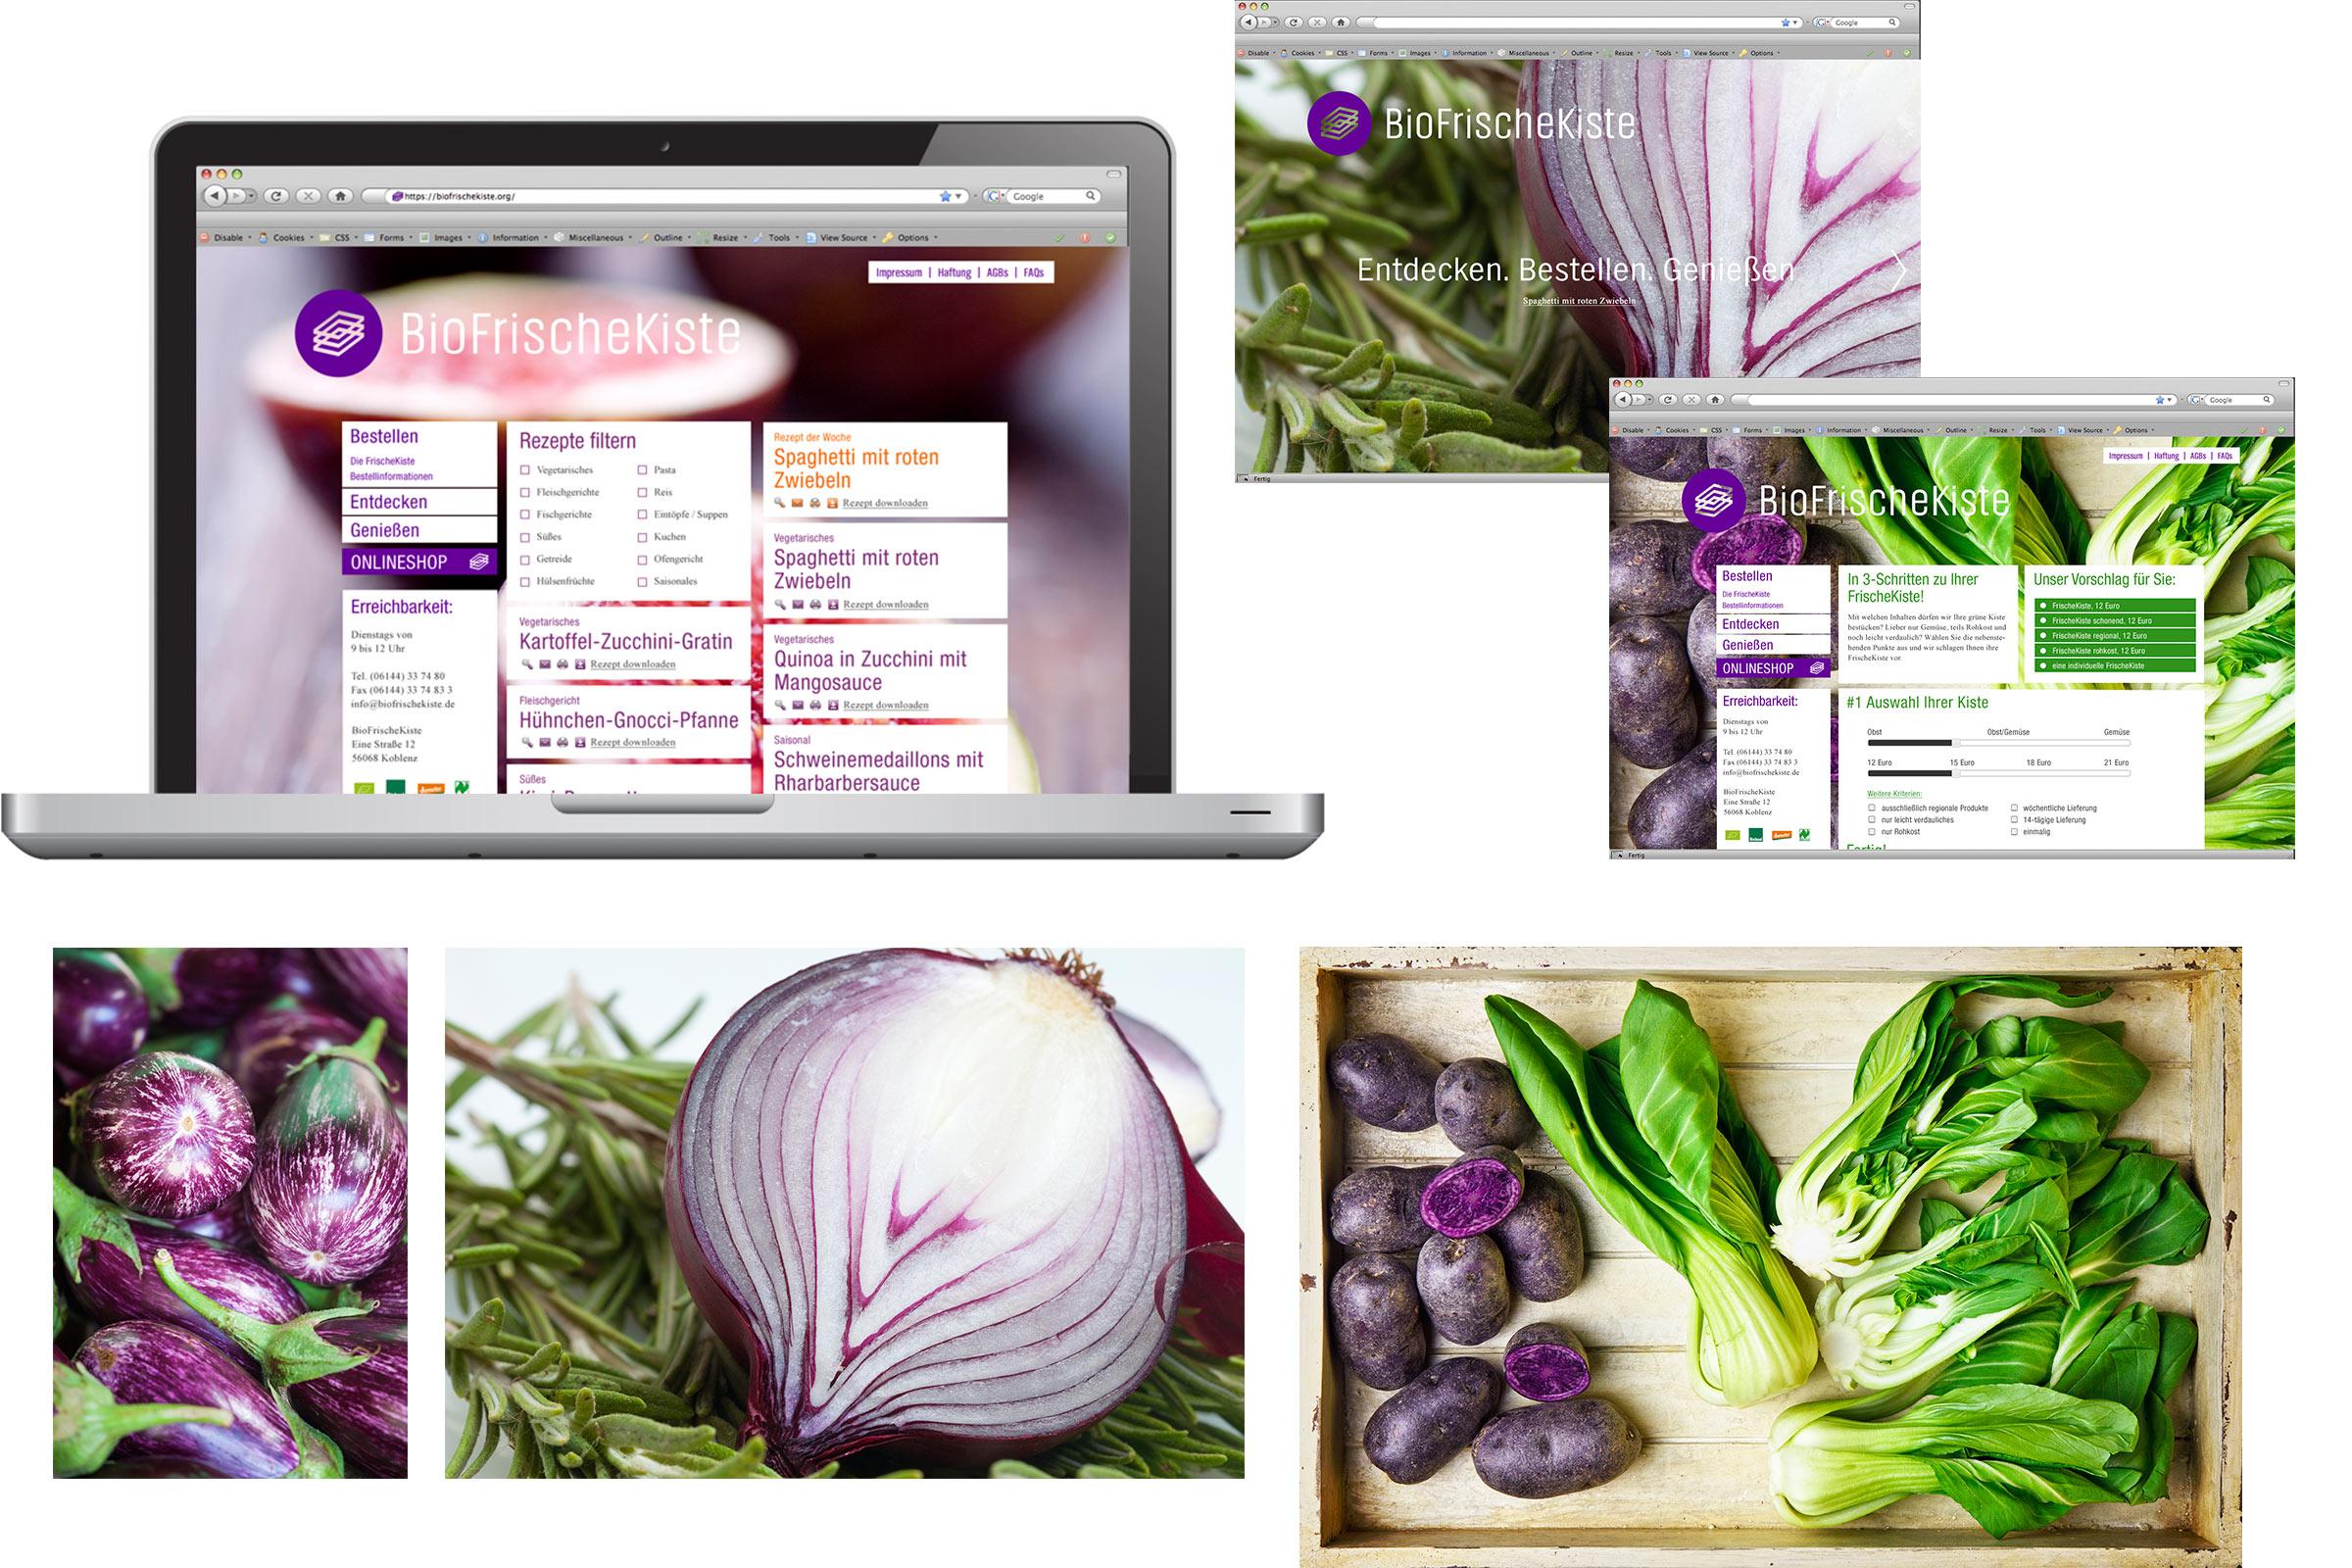 Biofrischekiste Corporate-Design Webseite und Bildwelt © Christian Weber – Büro für Gestaltung und Kommunikation